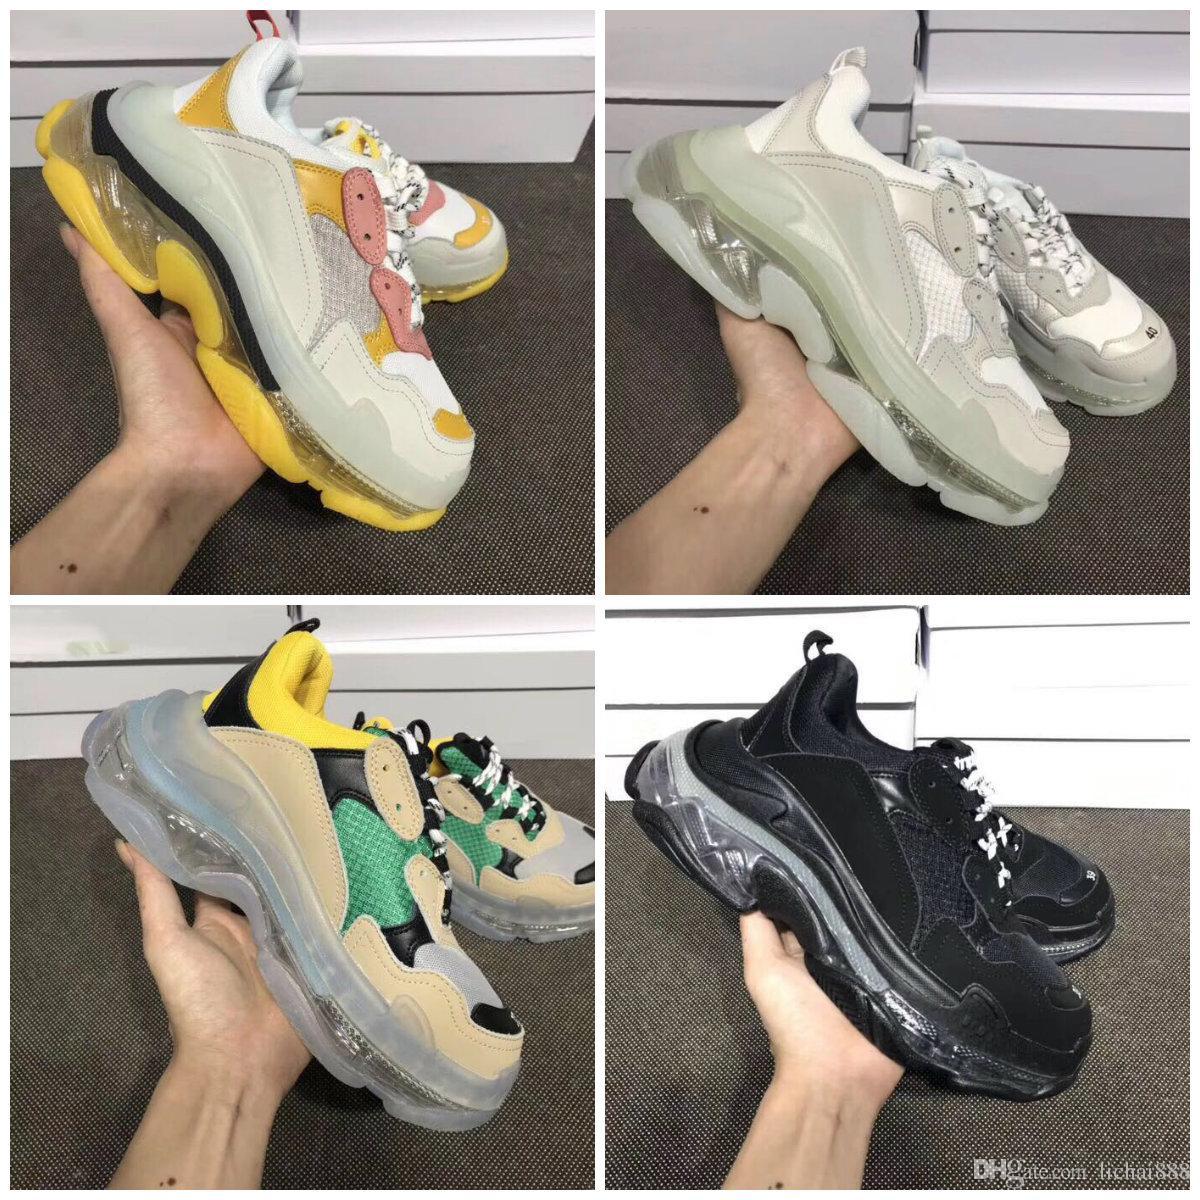 New hots ales 2019 мужские женские дизайнерские кроссовки класса люкс Обувь для боулинга tess street fashion shoes повседневная спортивная обувь осень-весна кроссовки